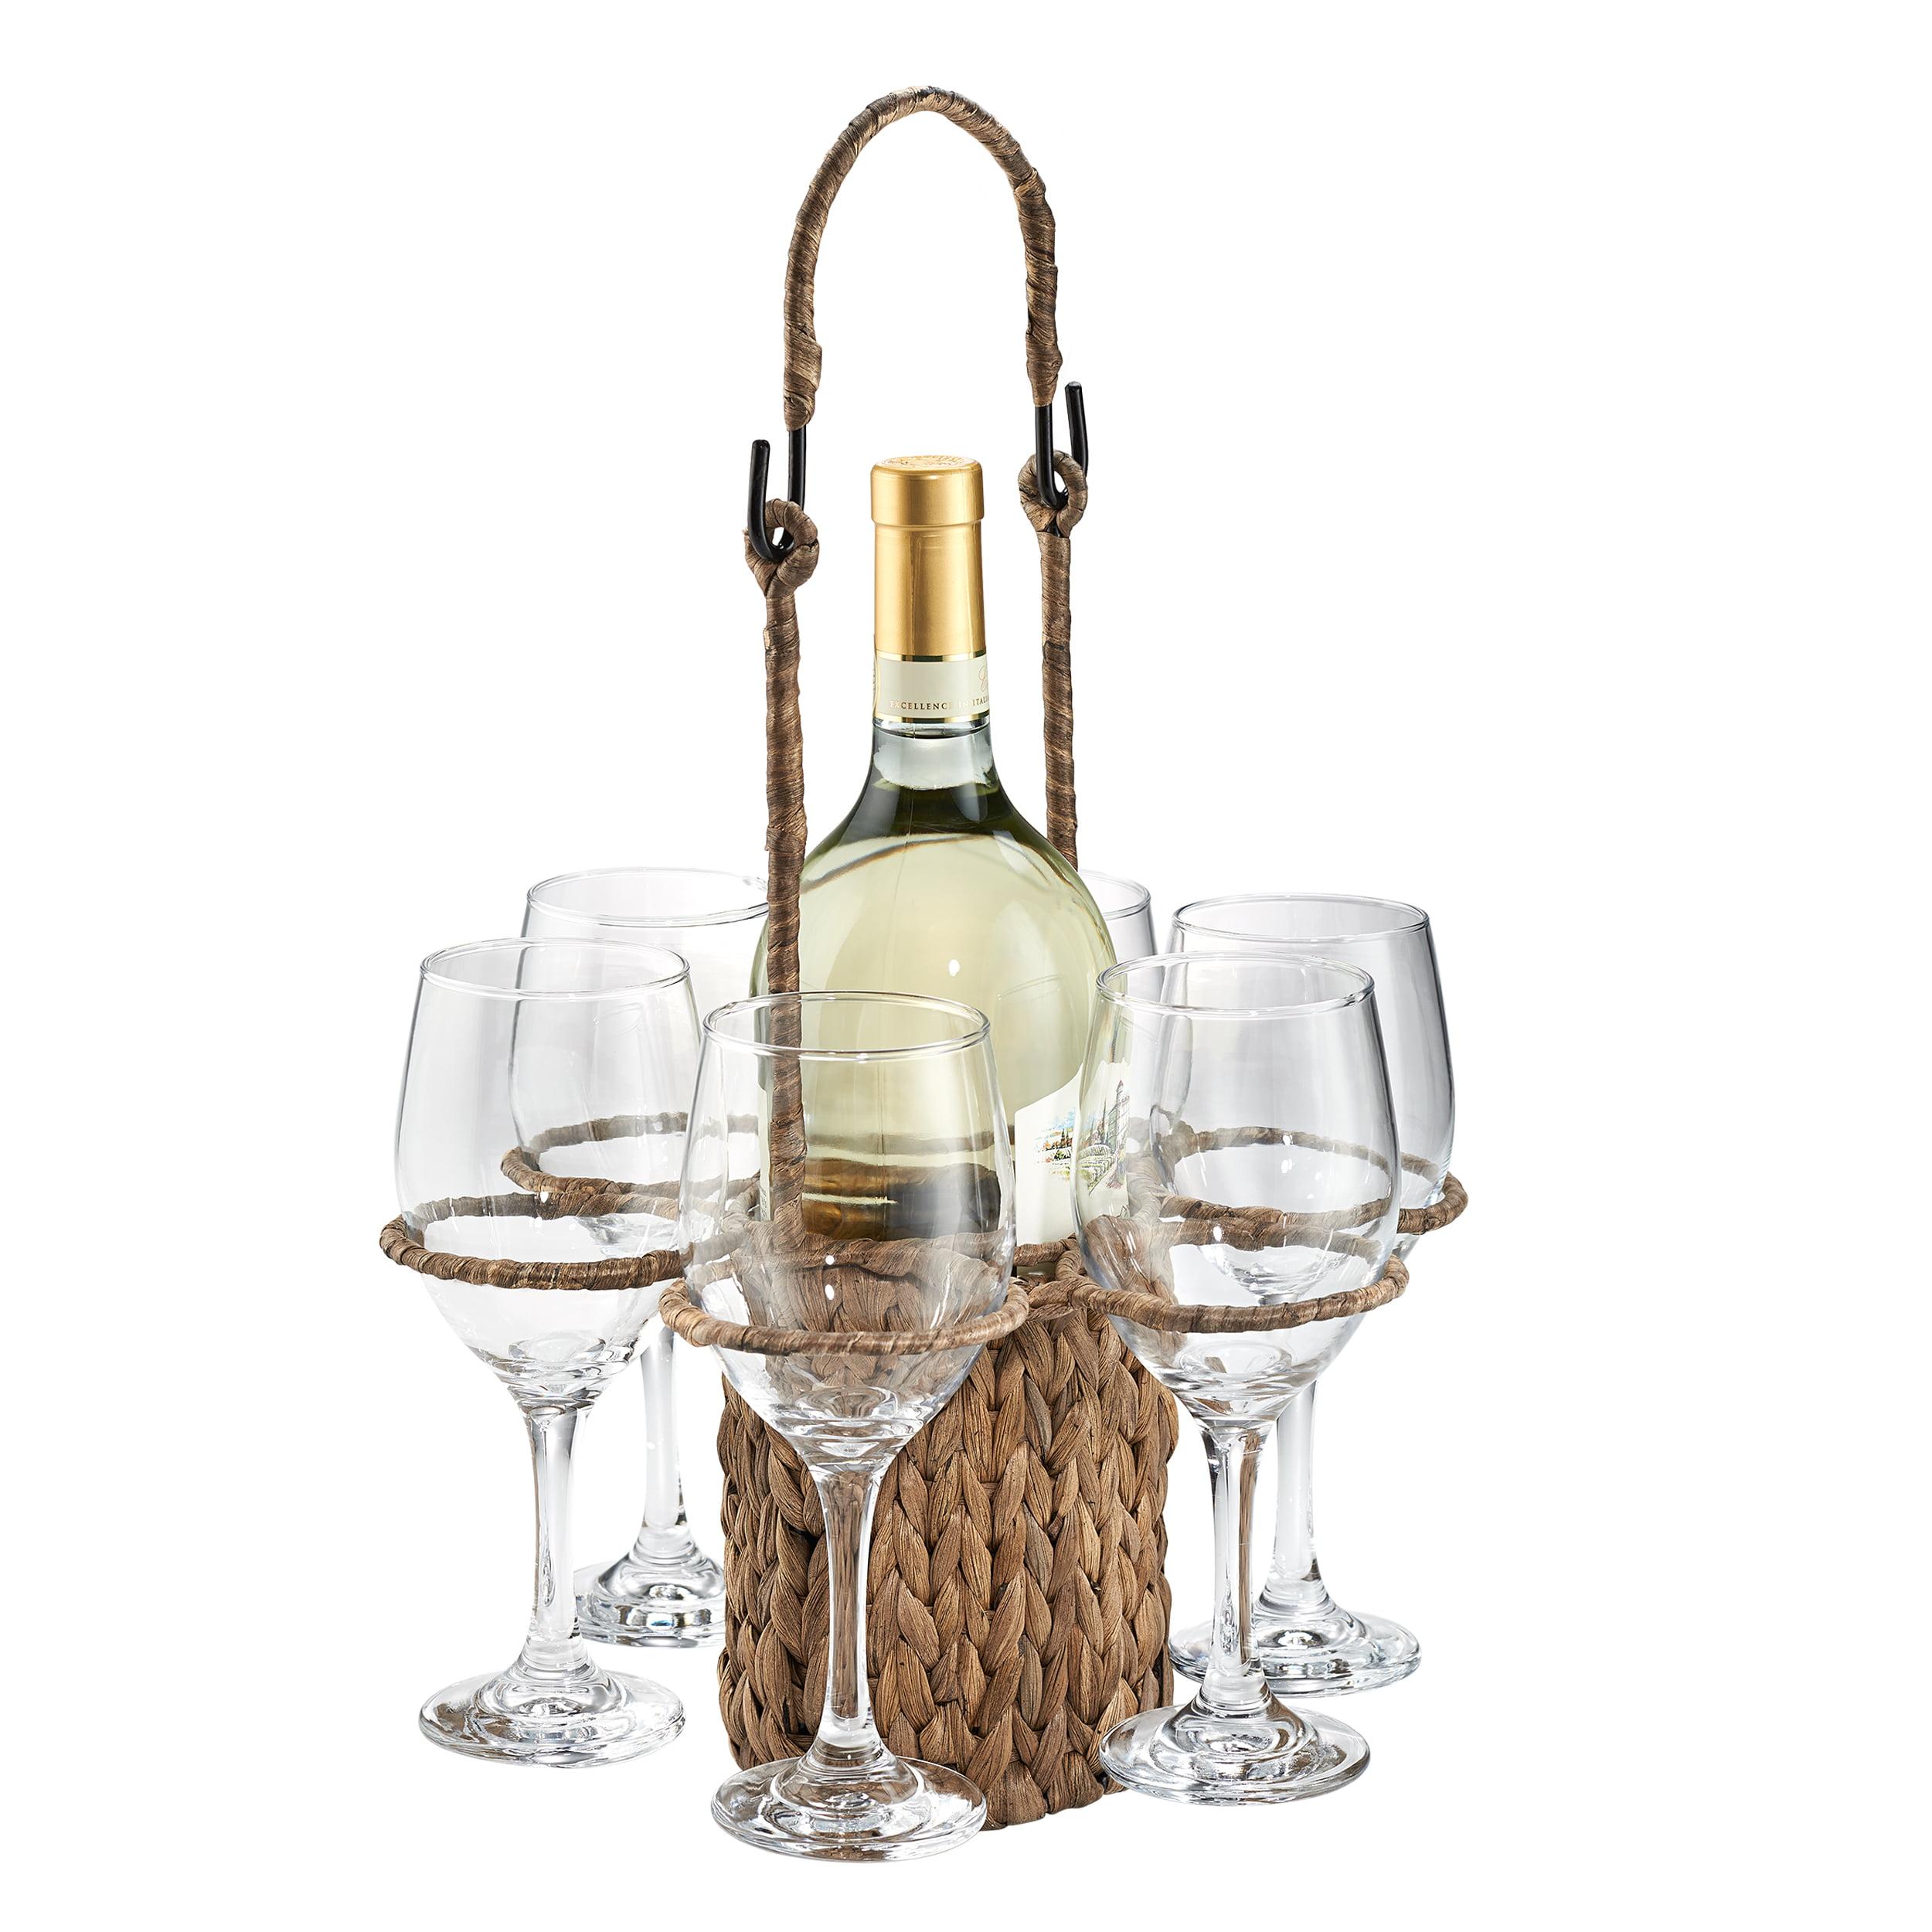 Artland Gt Wine Set Seagrass Tote + 6 Wine Glasses 14Oz, Giftboxed